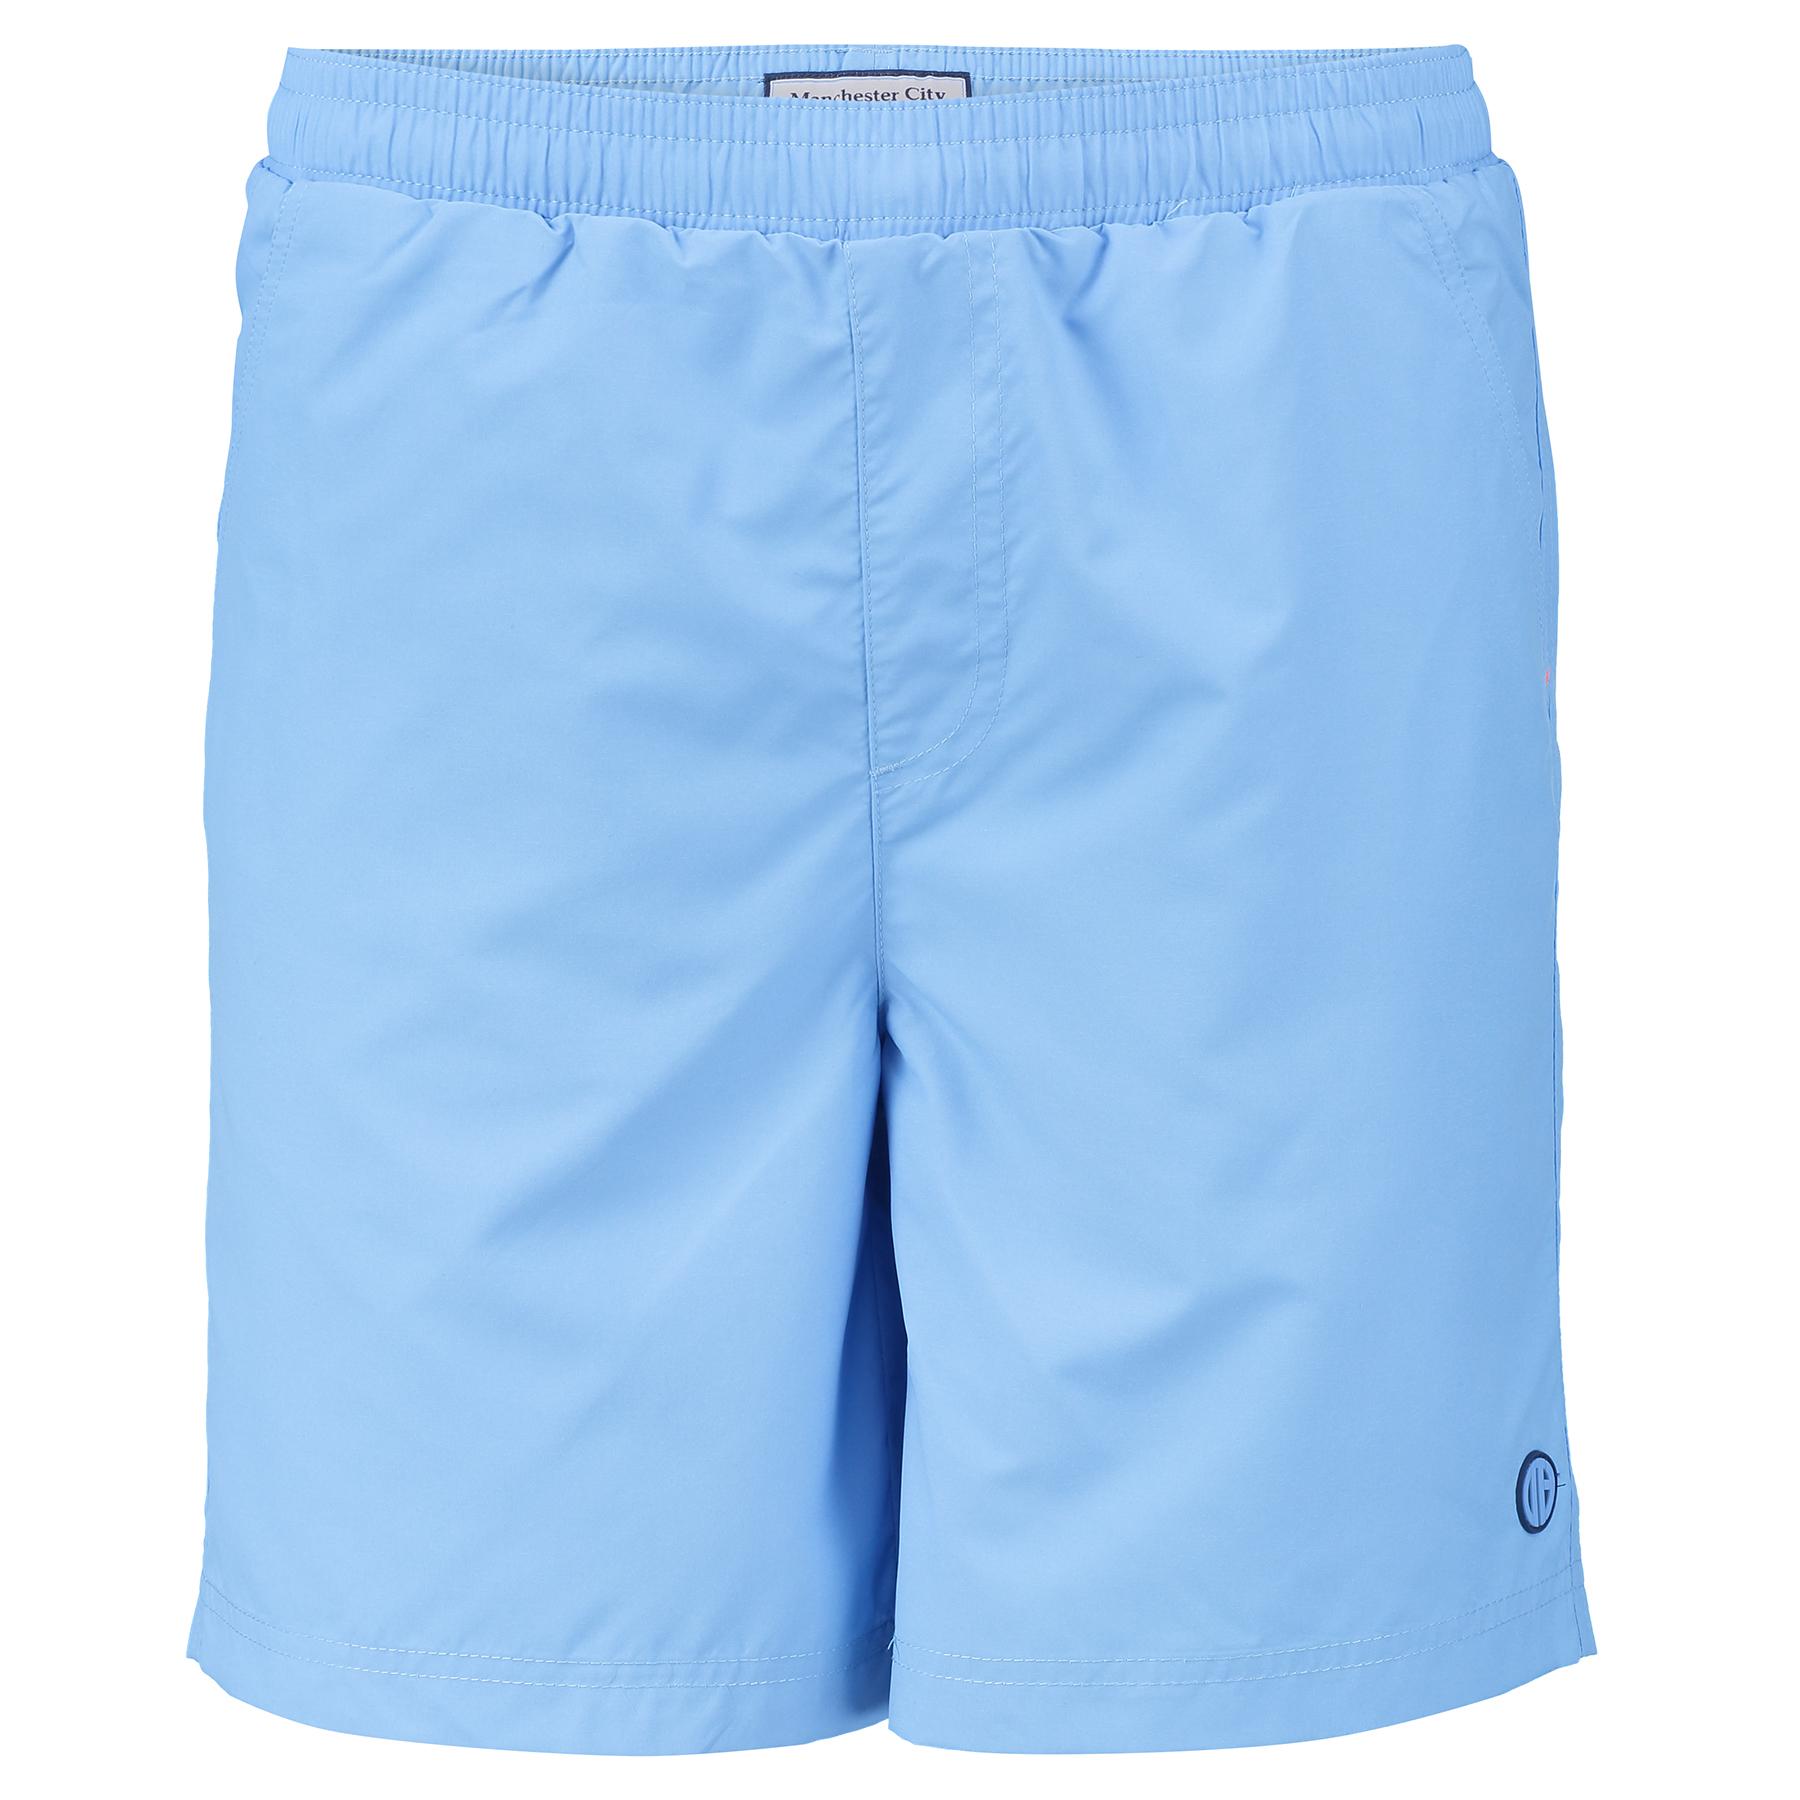 Manchester City Swim Short - Sky - Mens